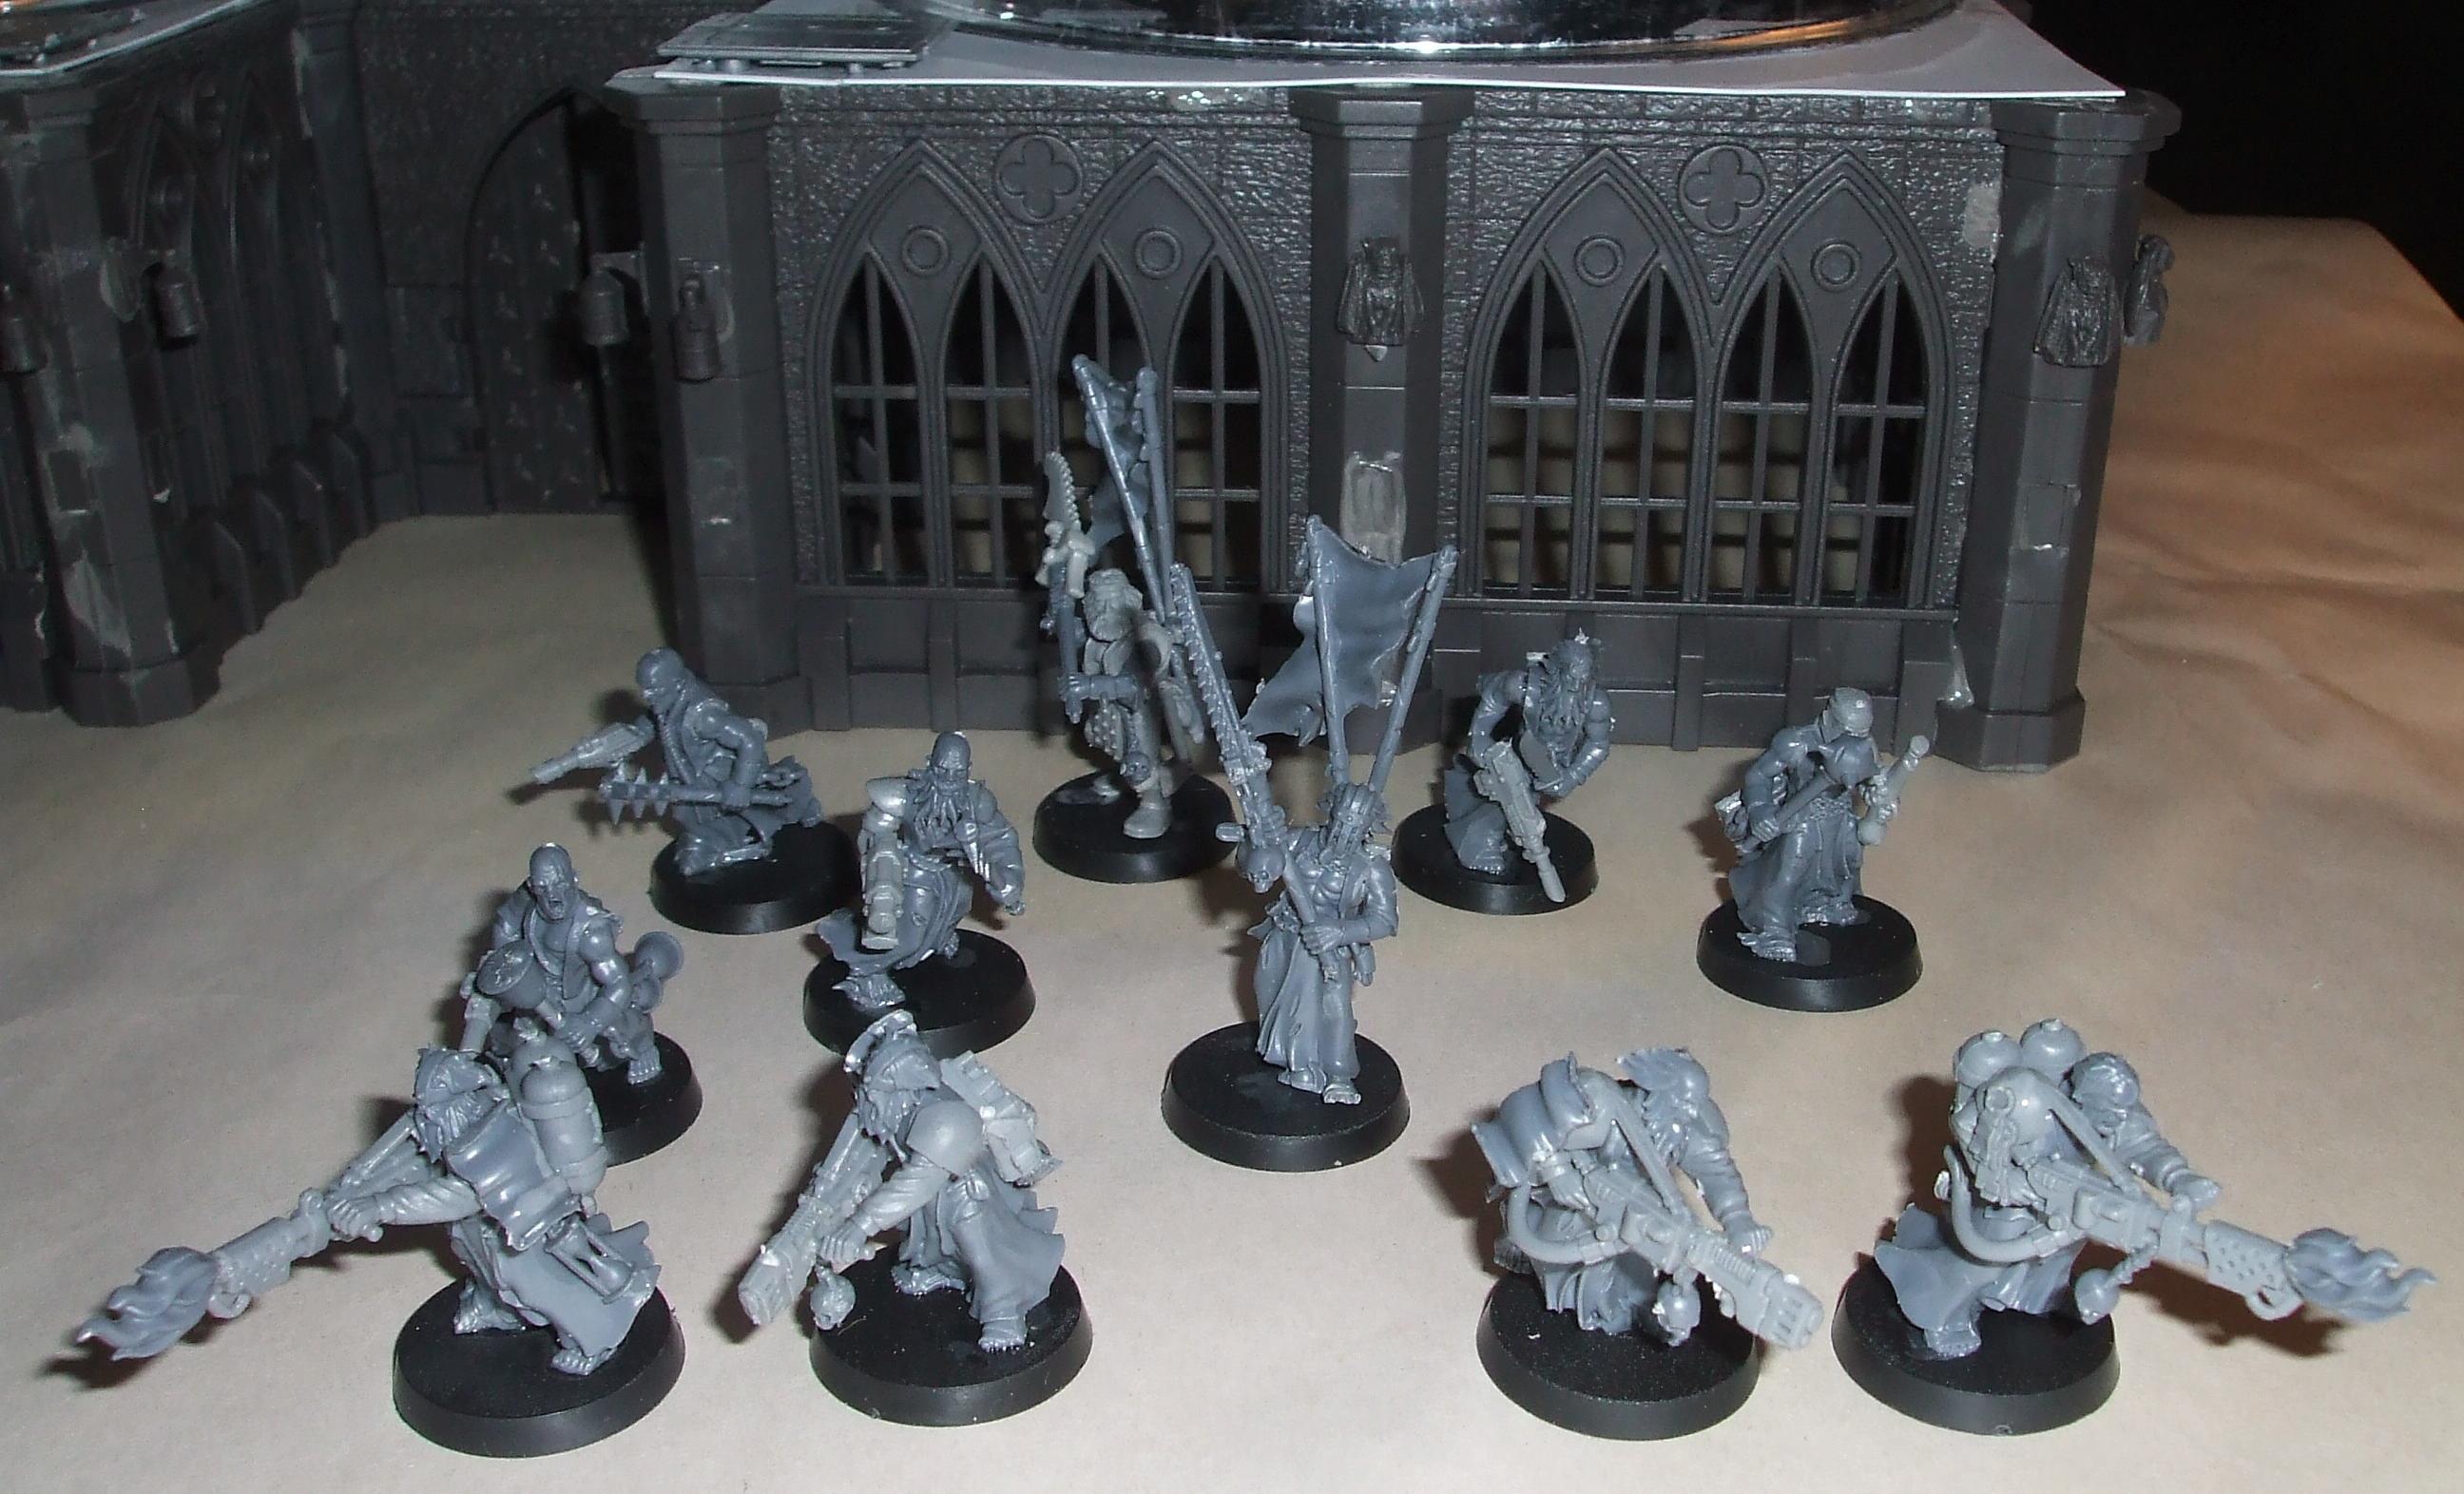 Conversion, Henchmen, Infantry, Inquisitor, Warhammer 40,000, Work In Progress